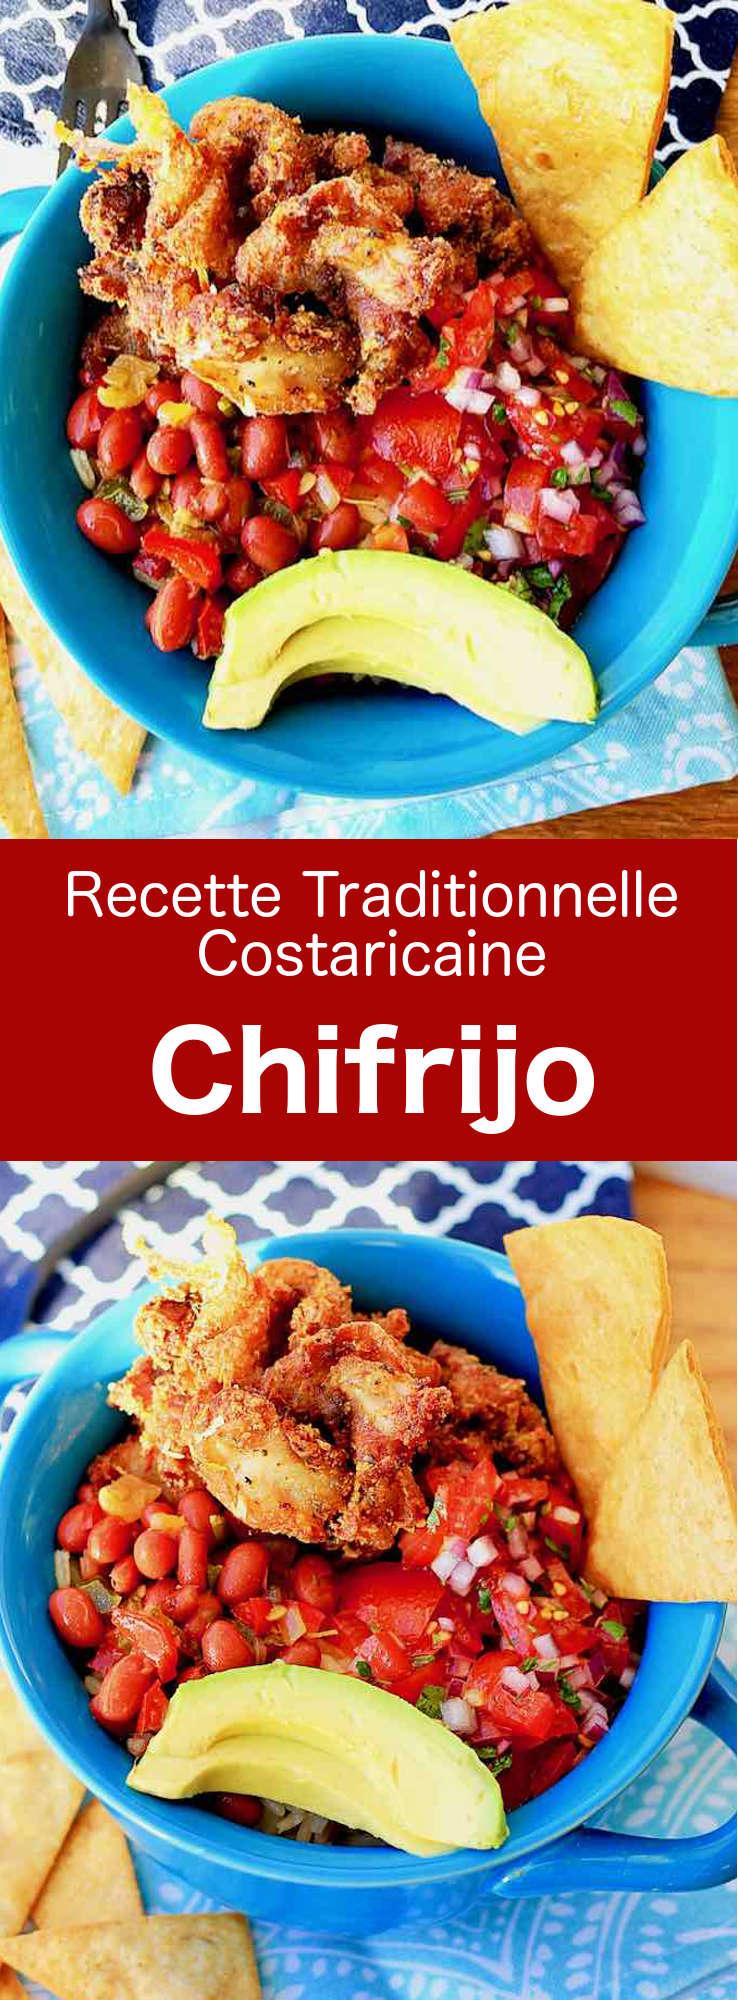 Le chifrijo est un délicieux plat traditionnel du Costa Rica à base de frijoles et couenne de porc, le tout accompagné de pico de gallo et de riz. #CostaRica #RecetteCostaricaine #CuisineCostaRicaine #CuisineDuMonde #196flavors